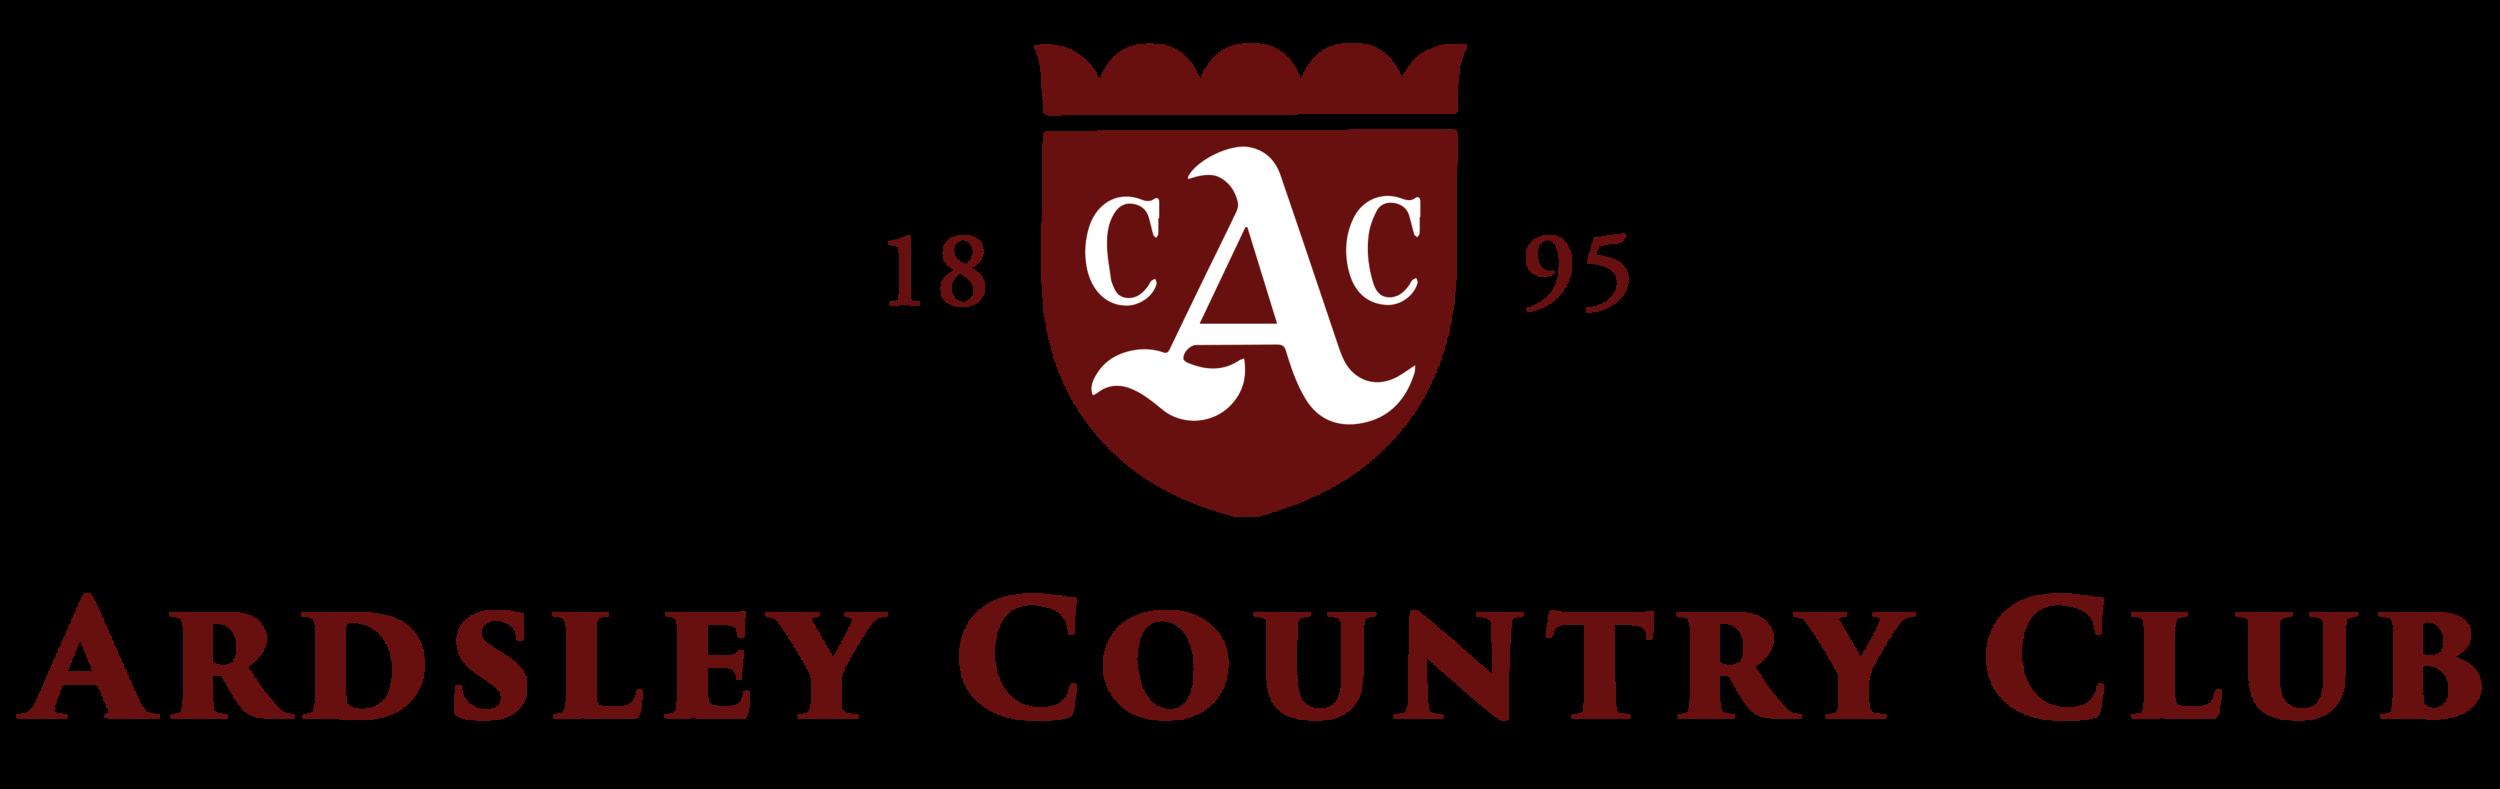 ardsley logo.png